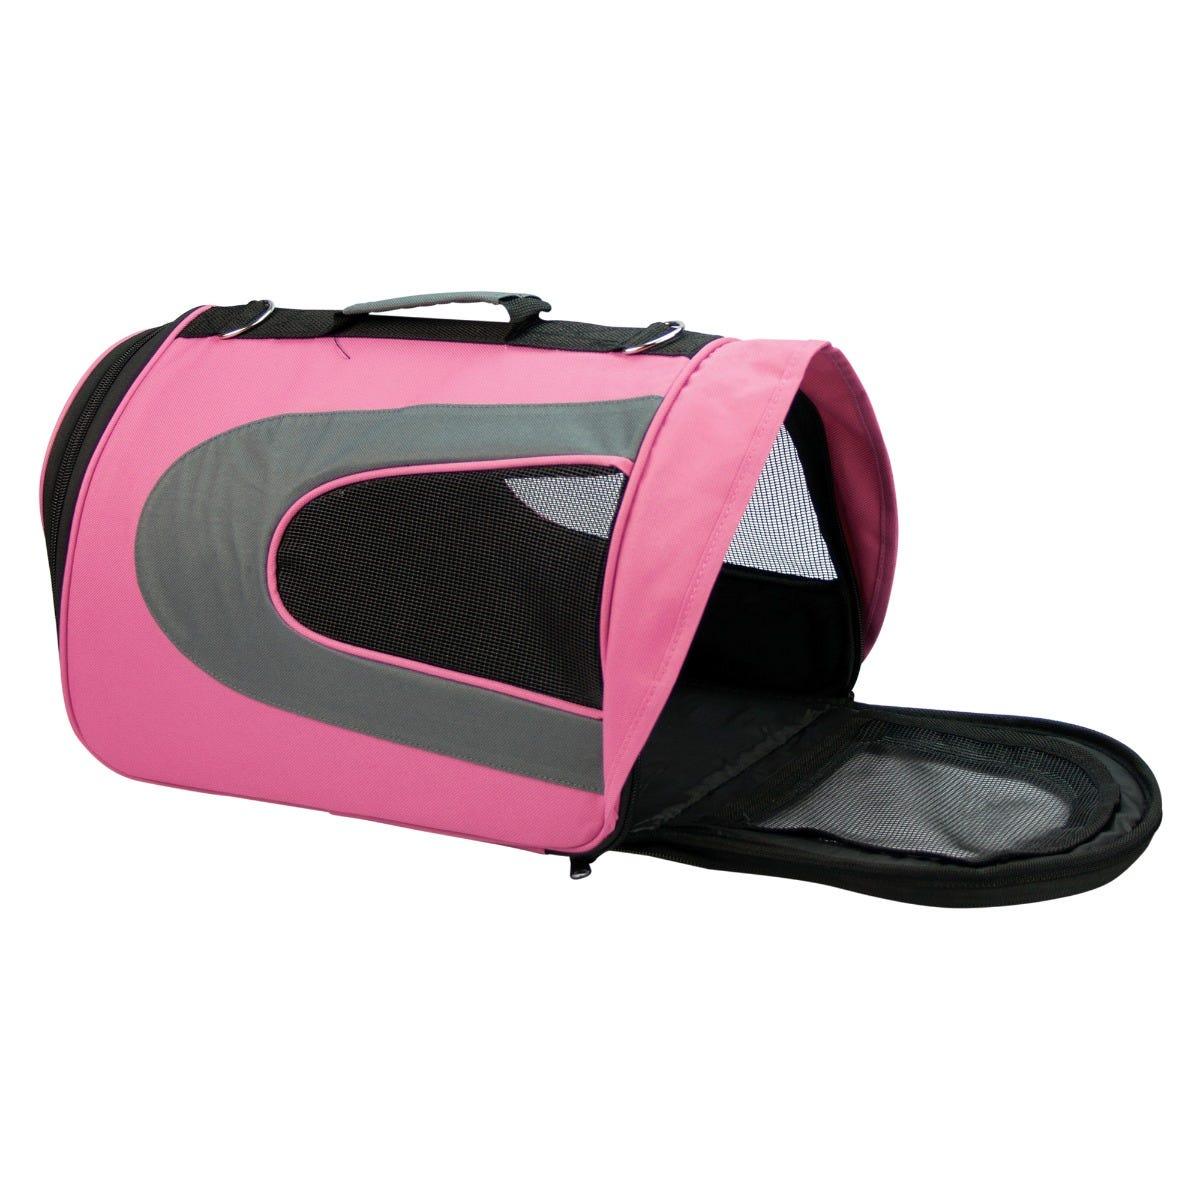 Transportadora Fancy Pets® con visera rosa tamaño grande